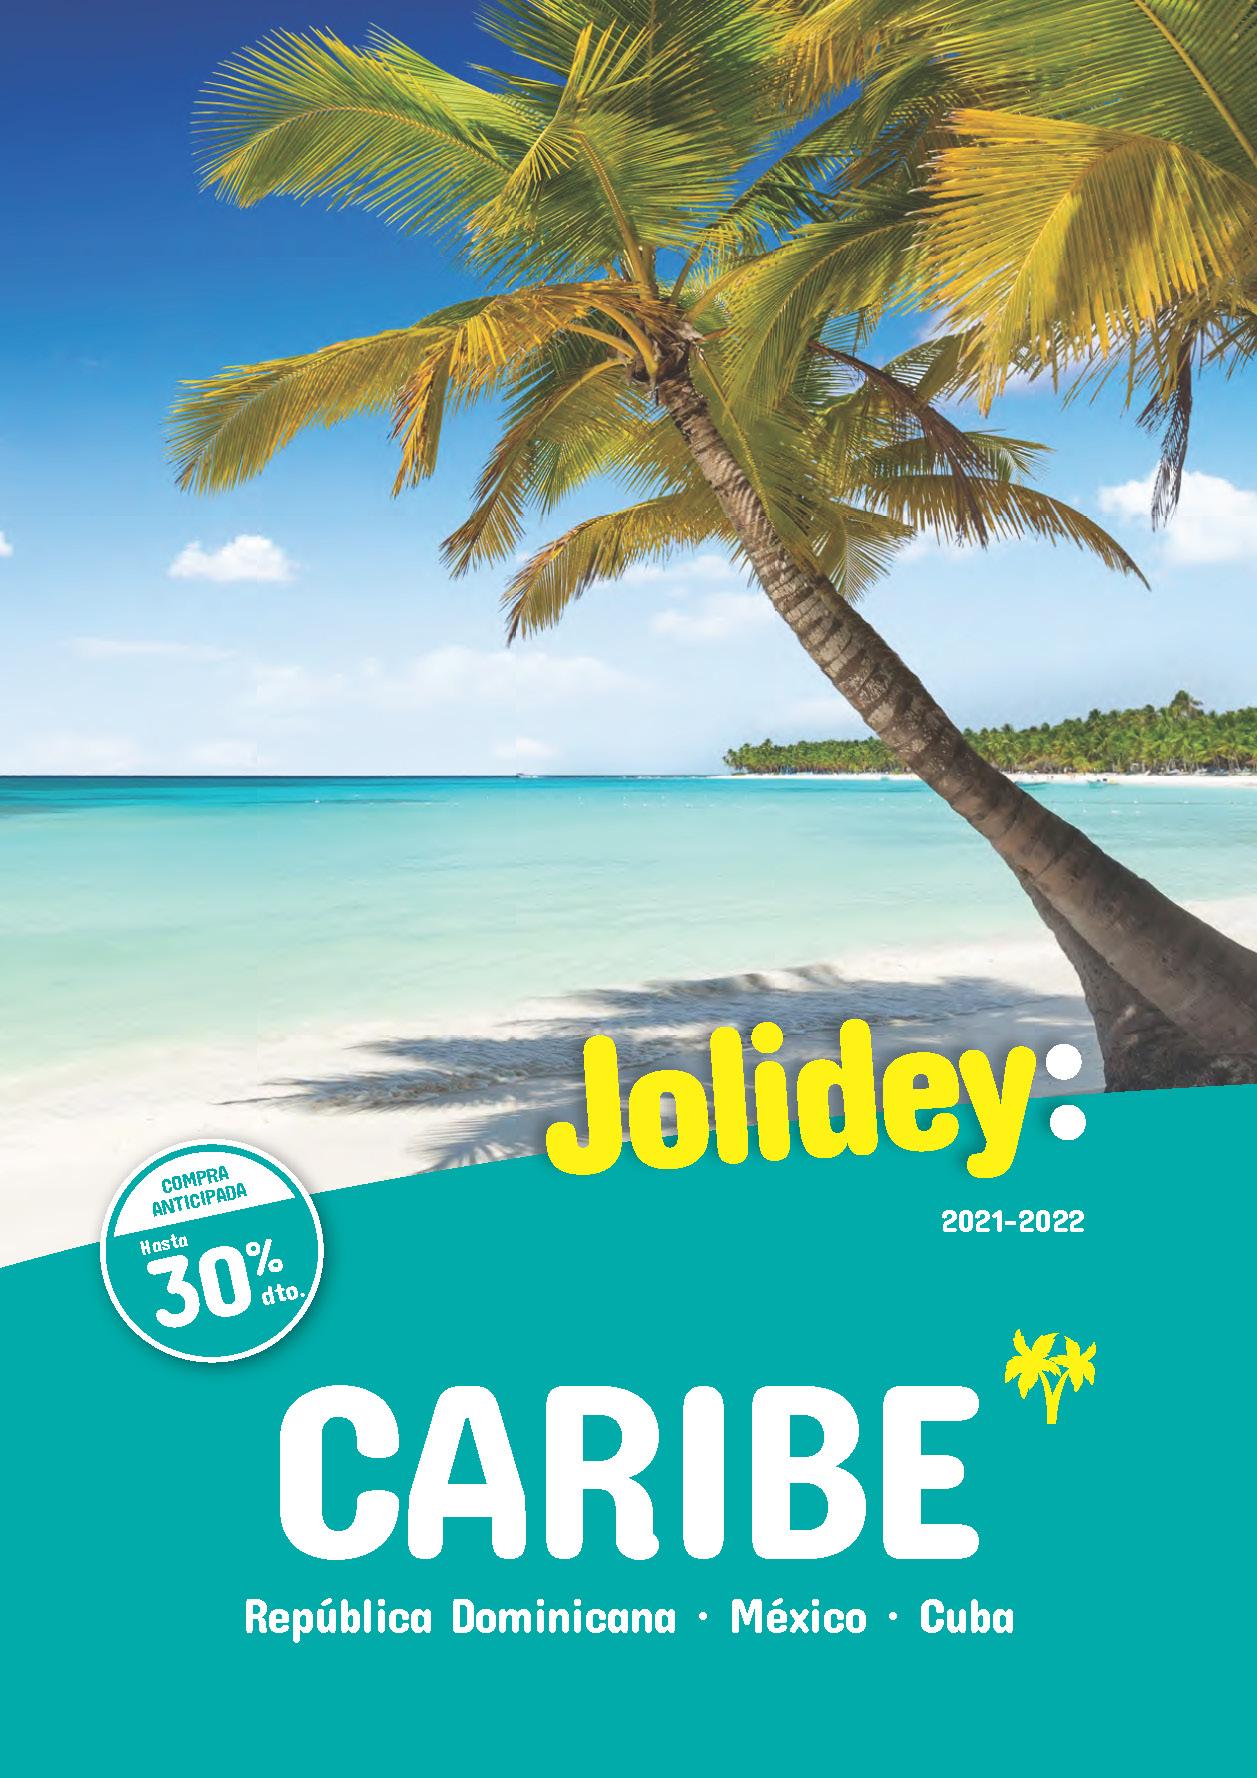 Catalogo Jolidey Caribe 2021-2022